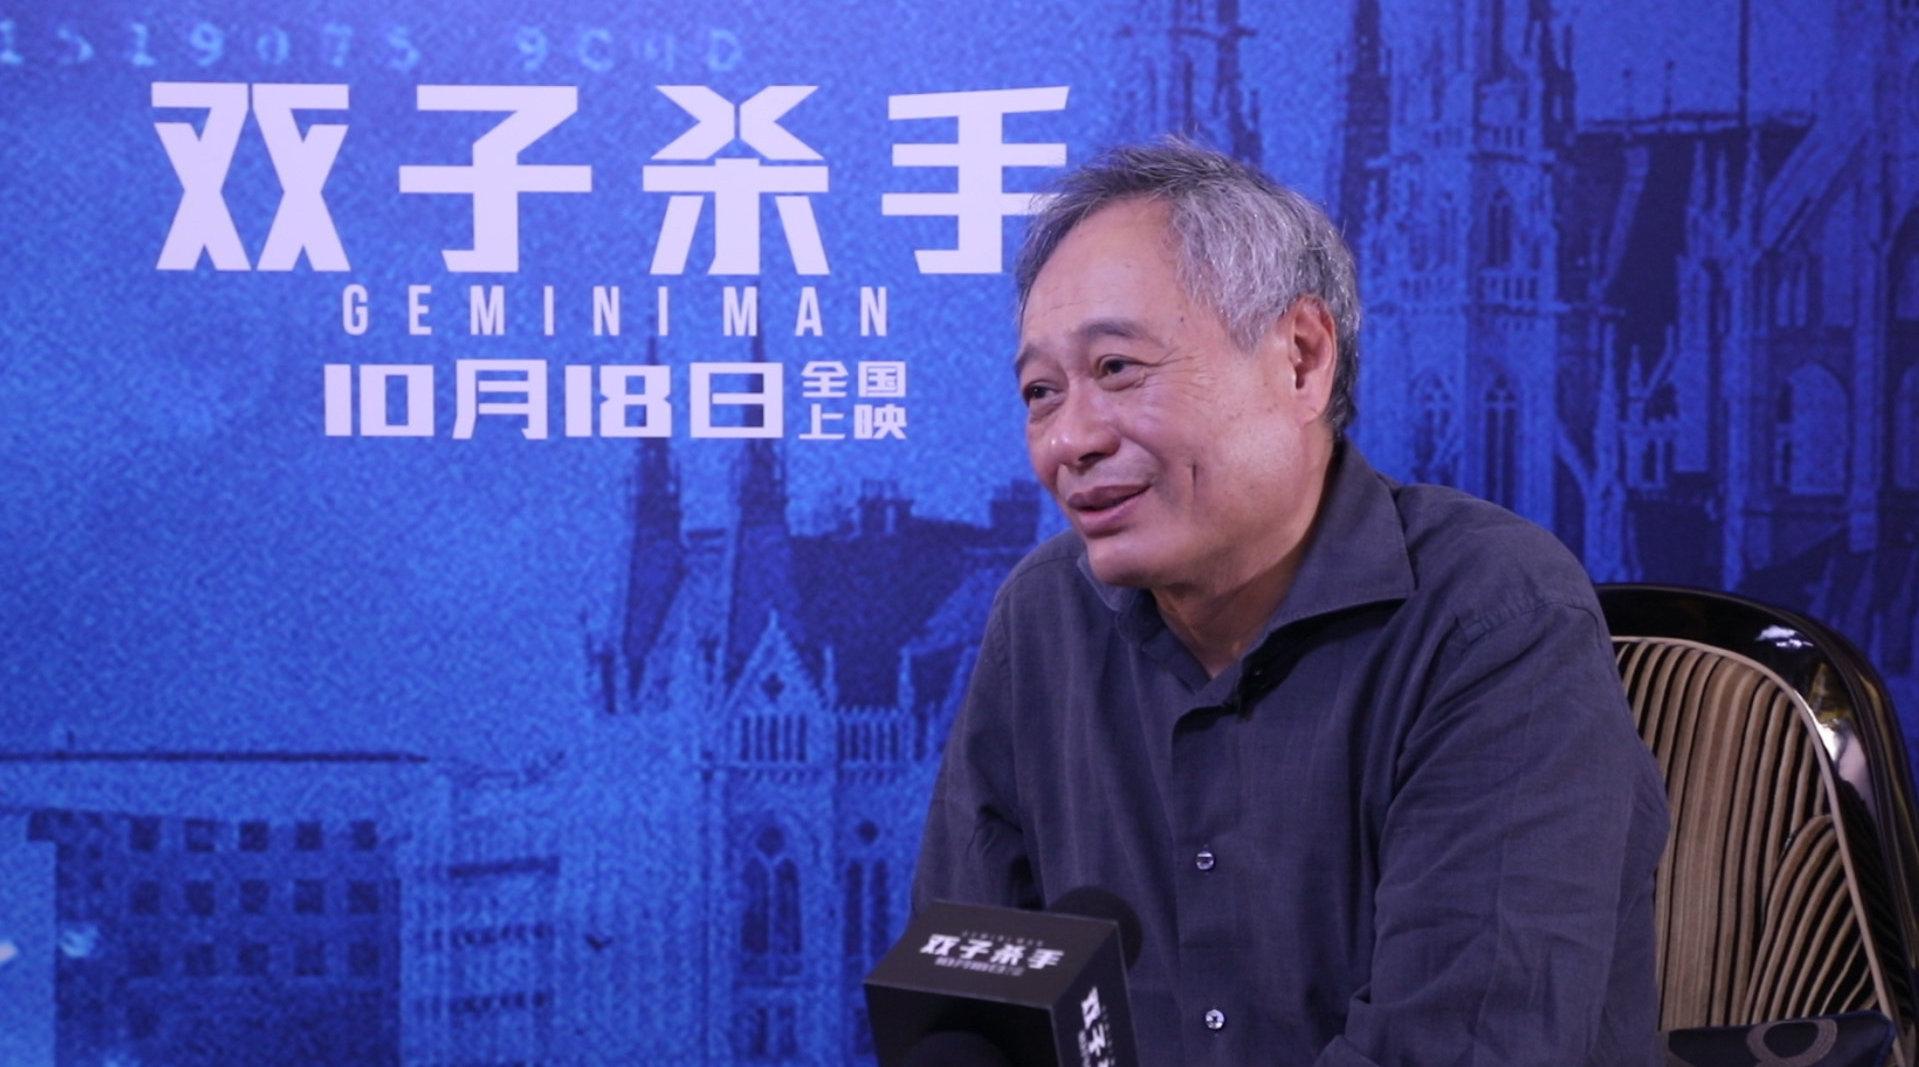 导演李安:新媒体就需要新技术 没有技术影像就出不来